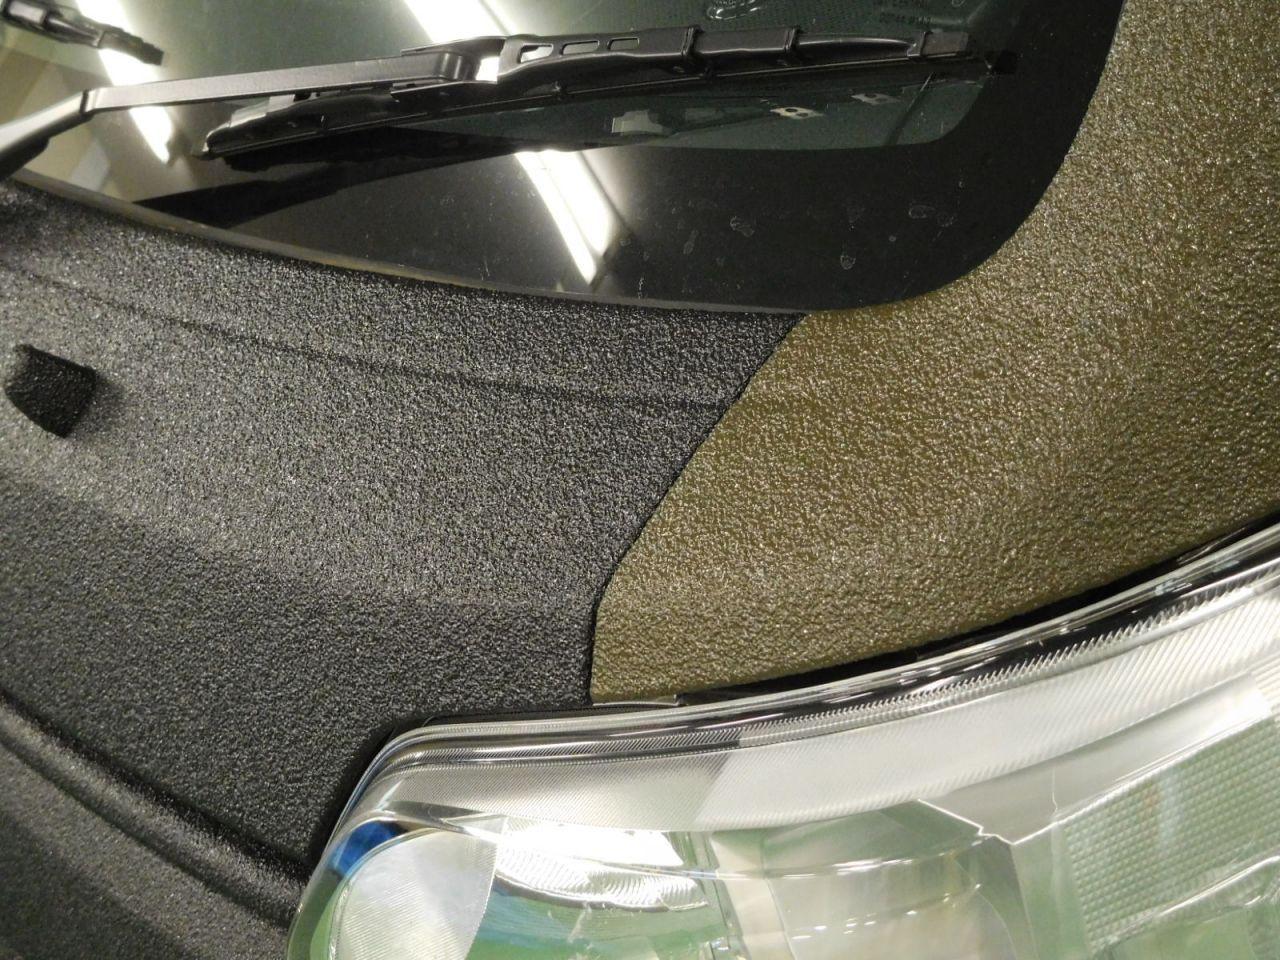 ハイゼット ジャンボ Line X オールペン ツートンカラー仕上がりアップ写真 ハイゼット アゲトラ 車の塗装